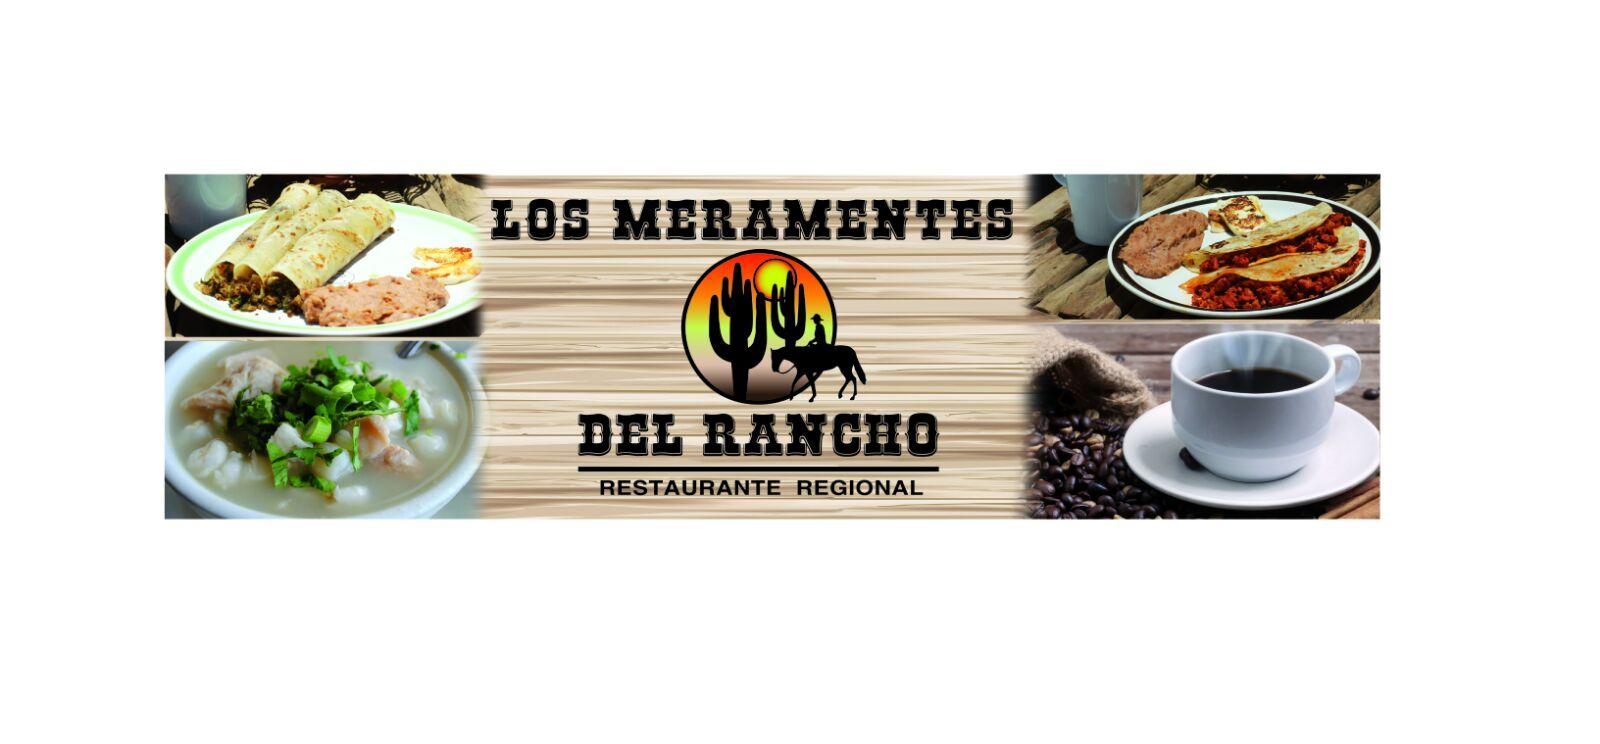 Restaurante Los Meramente del Rancho